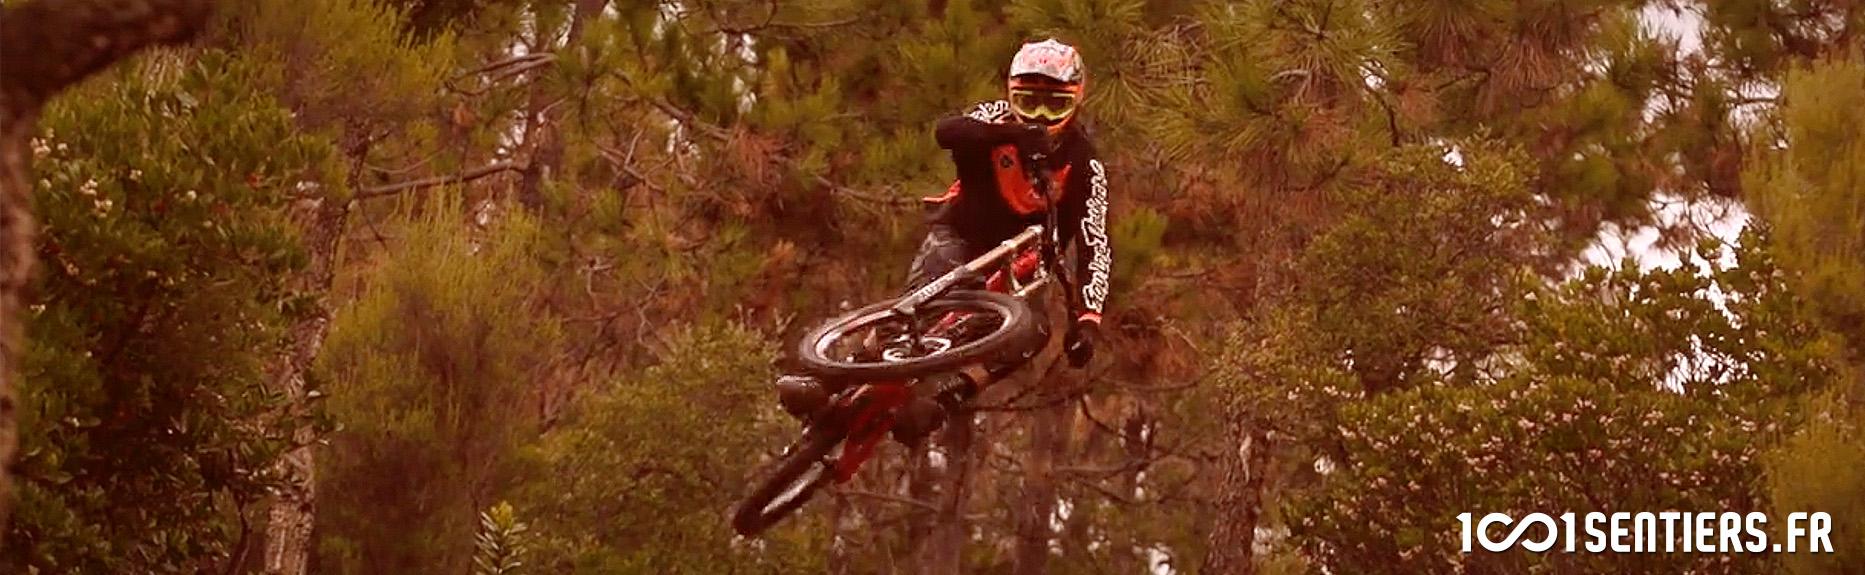 Vidéo / Fairclough & Mulally sur la piste de Mandelieu